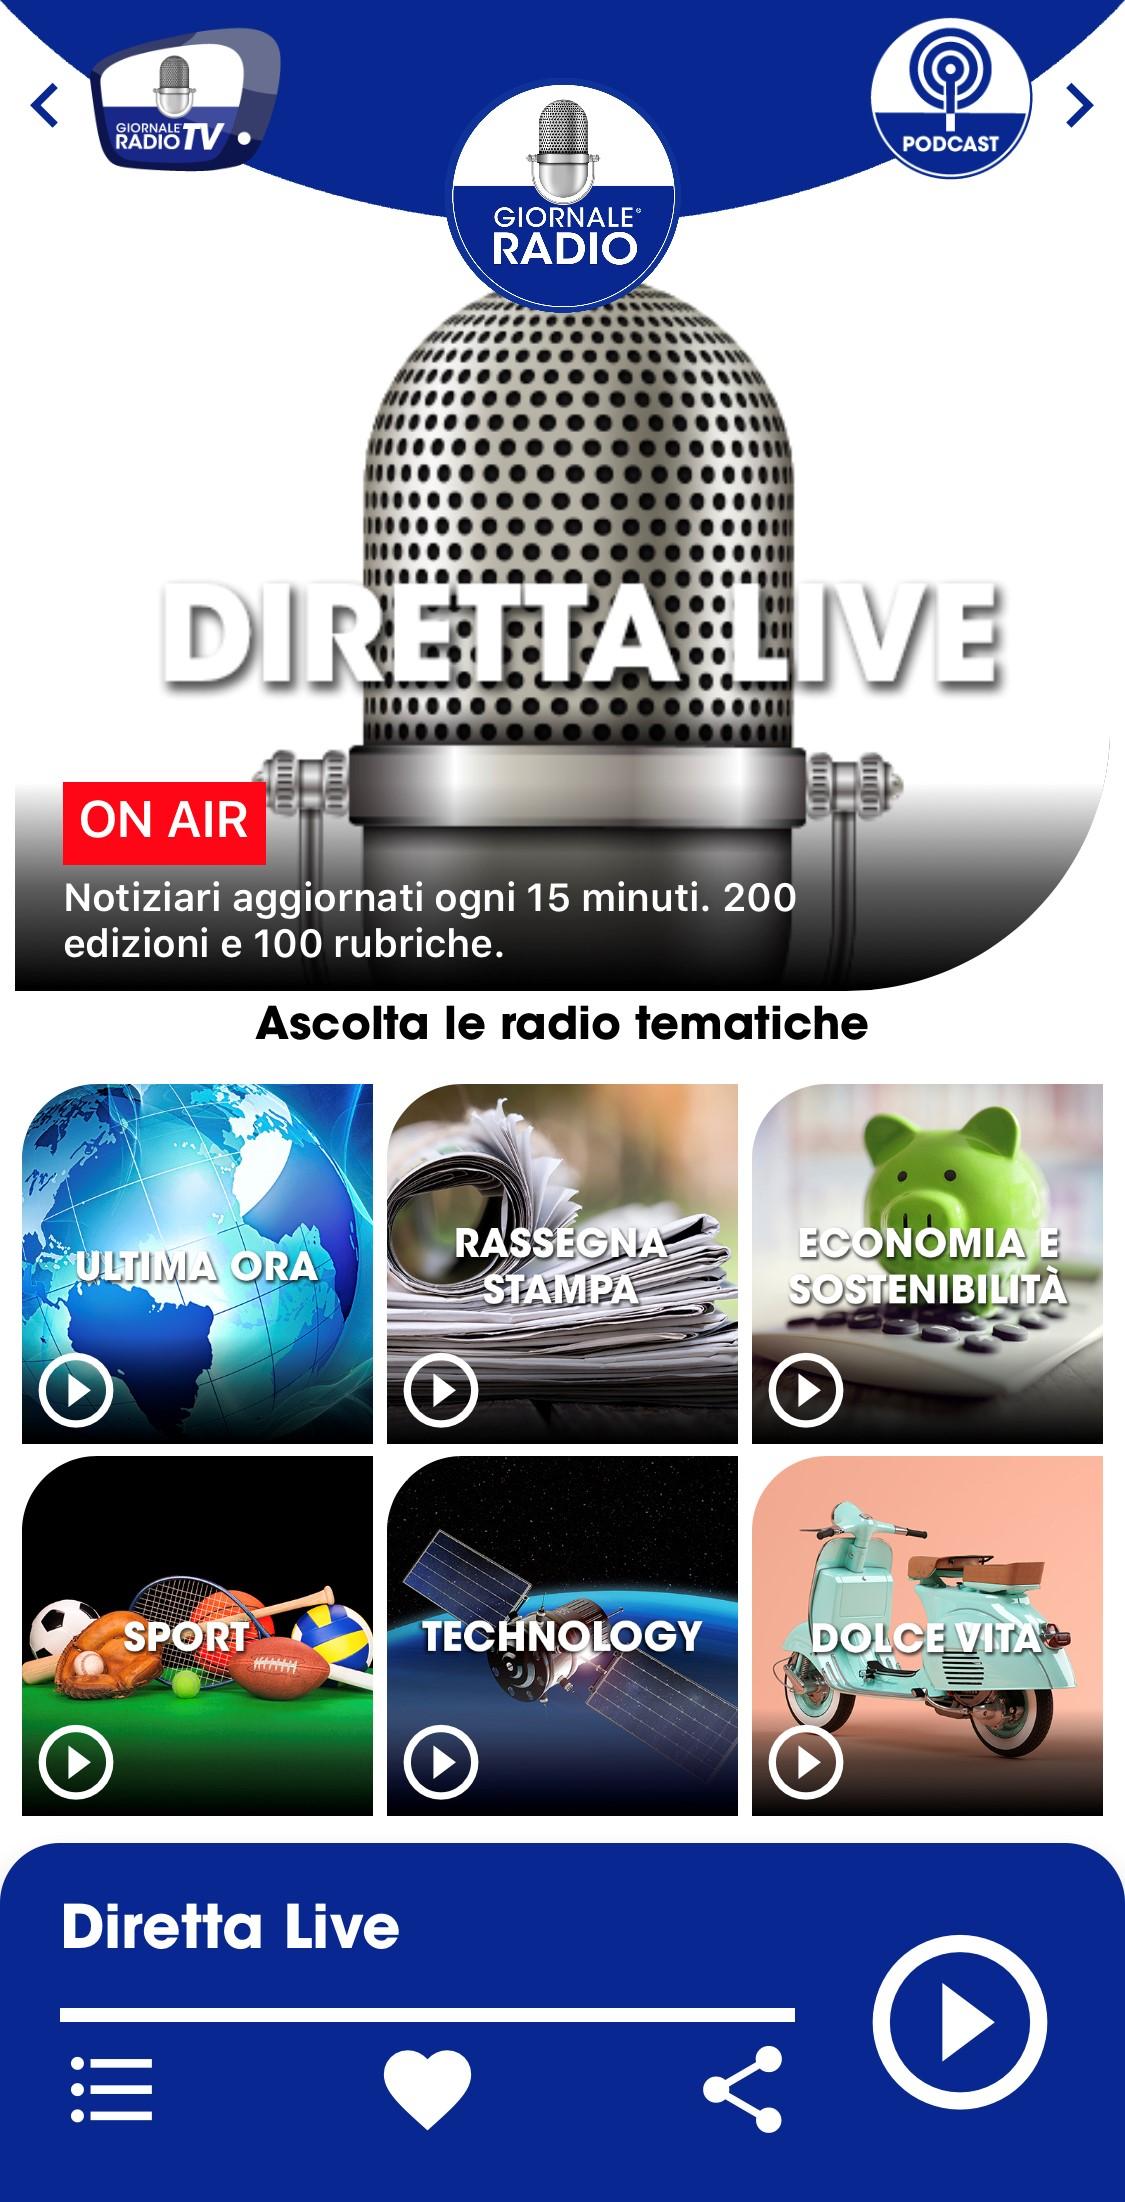 """Giornale Radio app - Radio. De Robertis lascia Giornale Radio? """"Ma quando mai! Notizie infondate. Anzi, insieme a Zambarelli stiamo lanciando la nuova campagna!"""""""